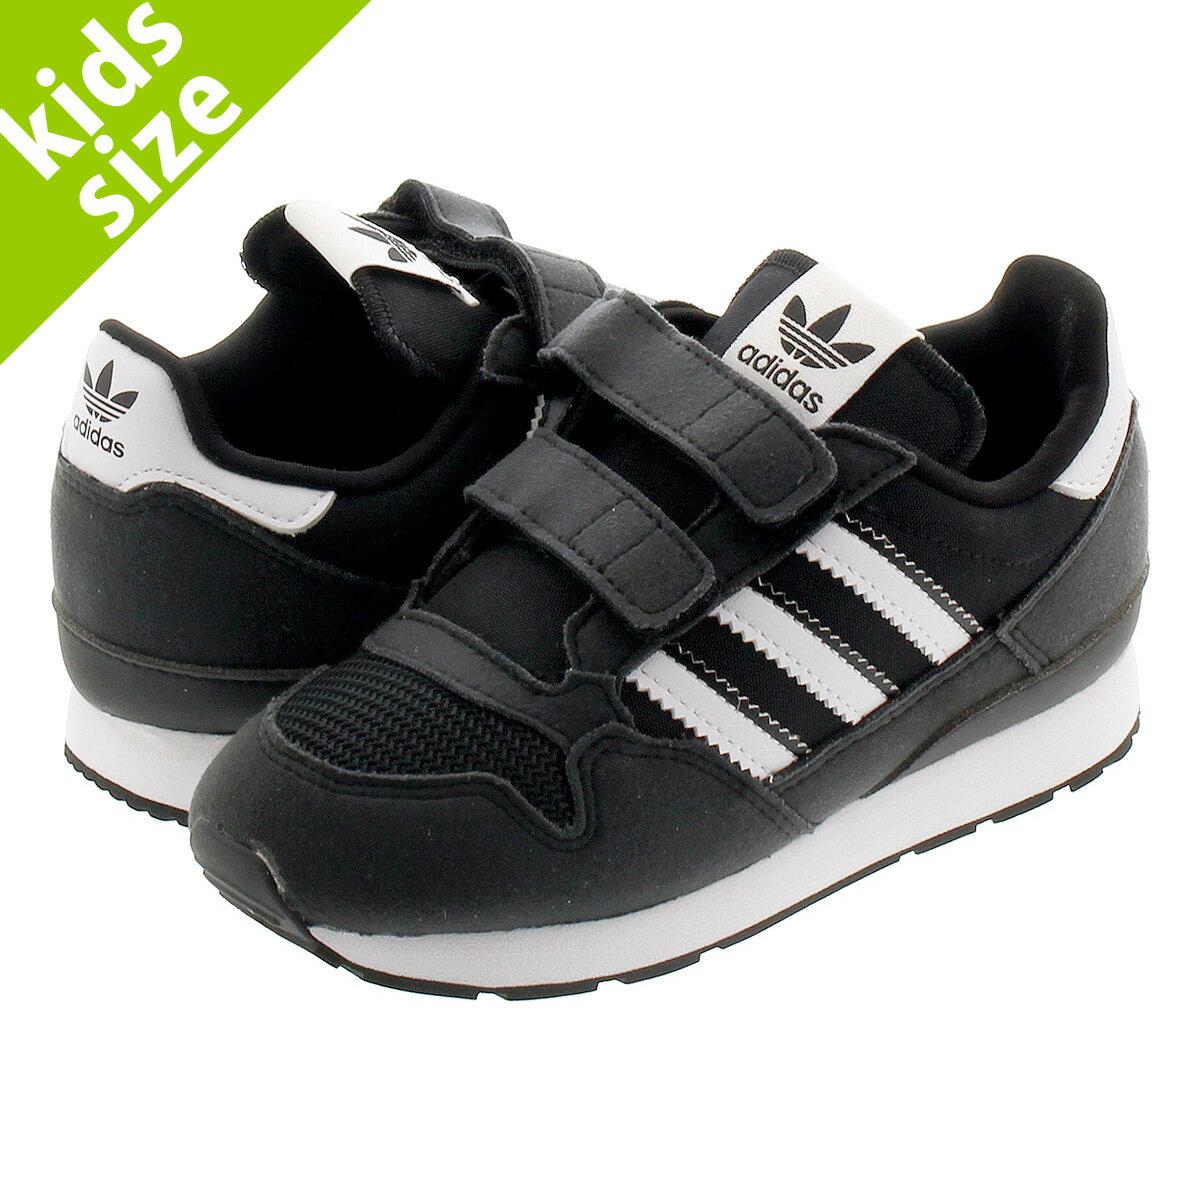 靴, スニーカー  11.016.5cm adidas ZX 500 CF I ZX 500 CF CORE BLACKFTWR WHITEFTWR WHITE fw4039